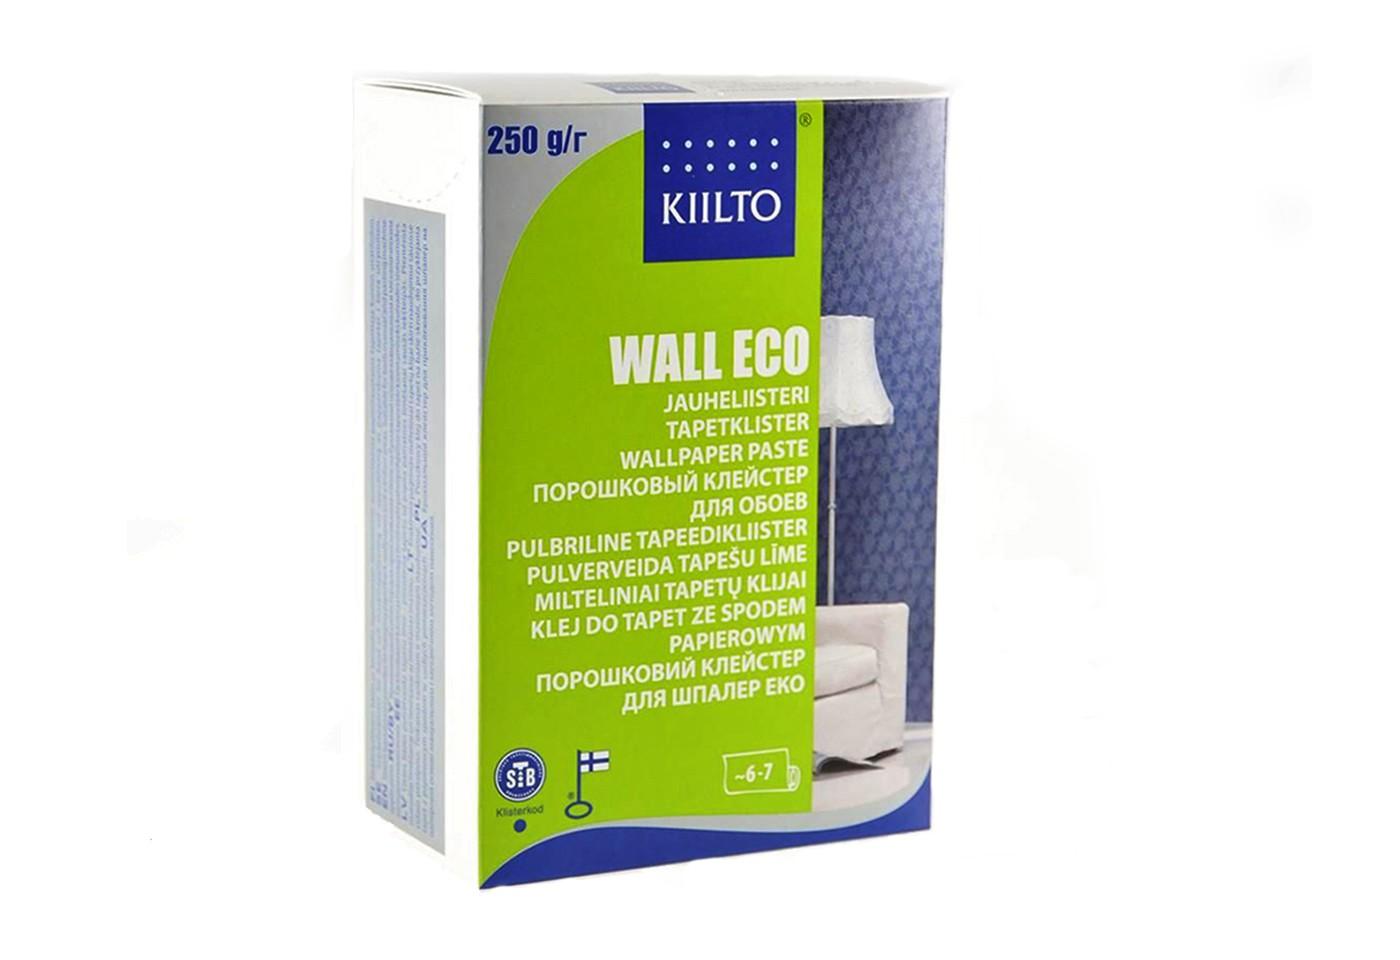 pulberliim2 3 - *Kiilto Wall Eco pulbertapeediliim, 250g